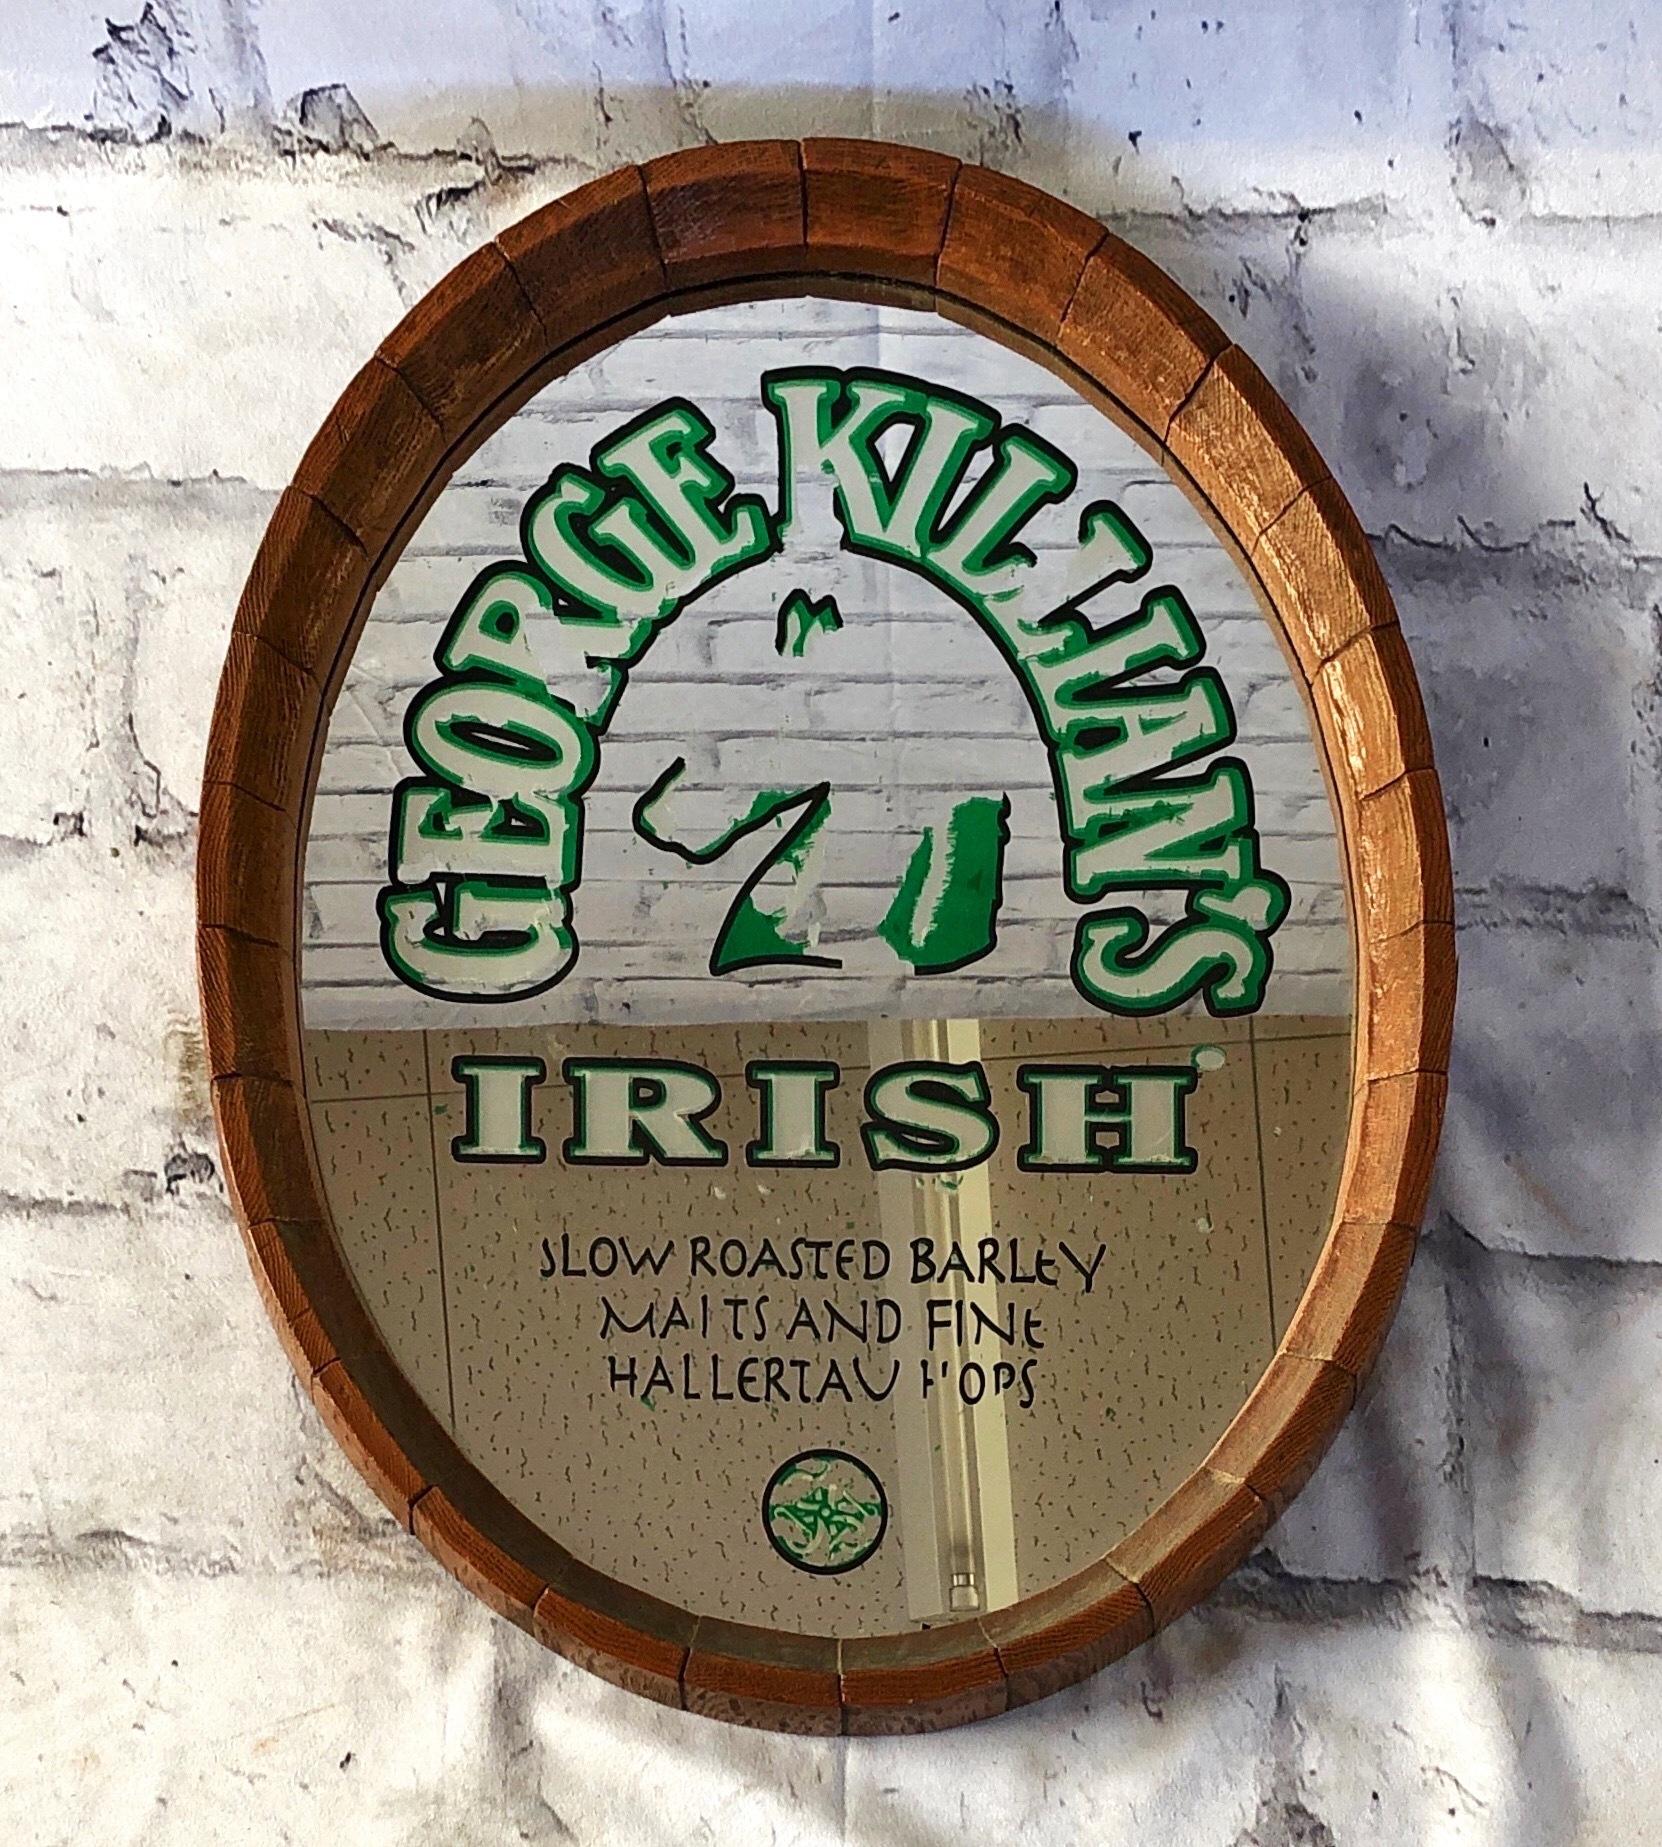 品番2048 パブミラー 『ジョージ キリアンズ アイリッシュ/george killian's IRISH 』 ヴィンテージ